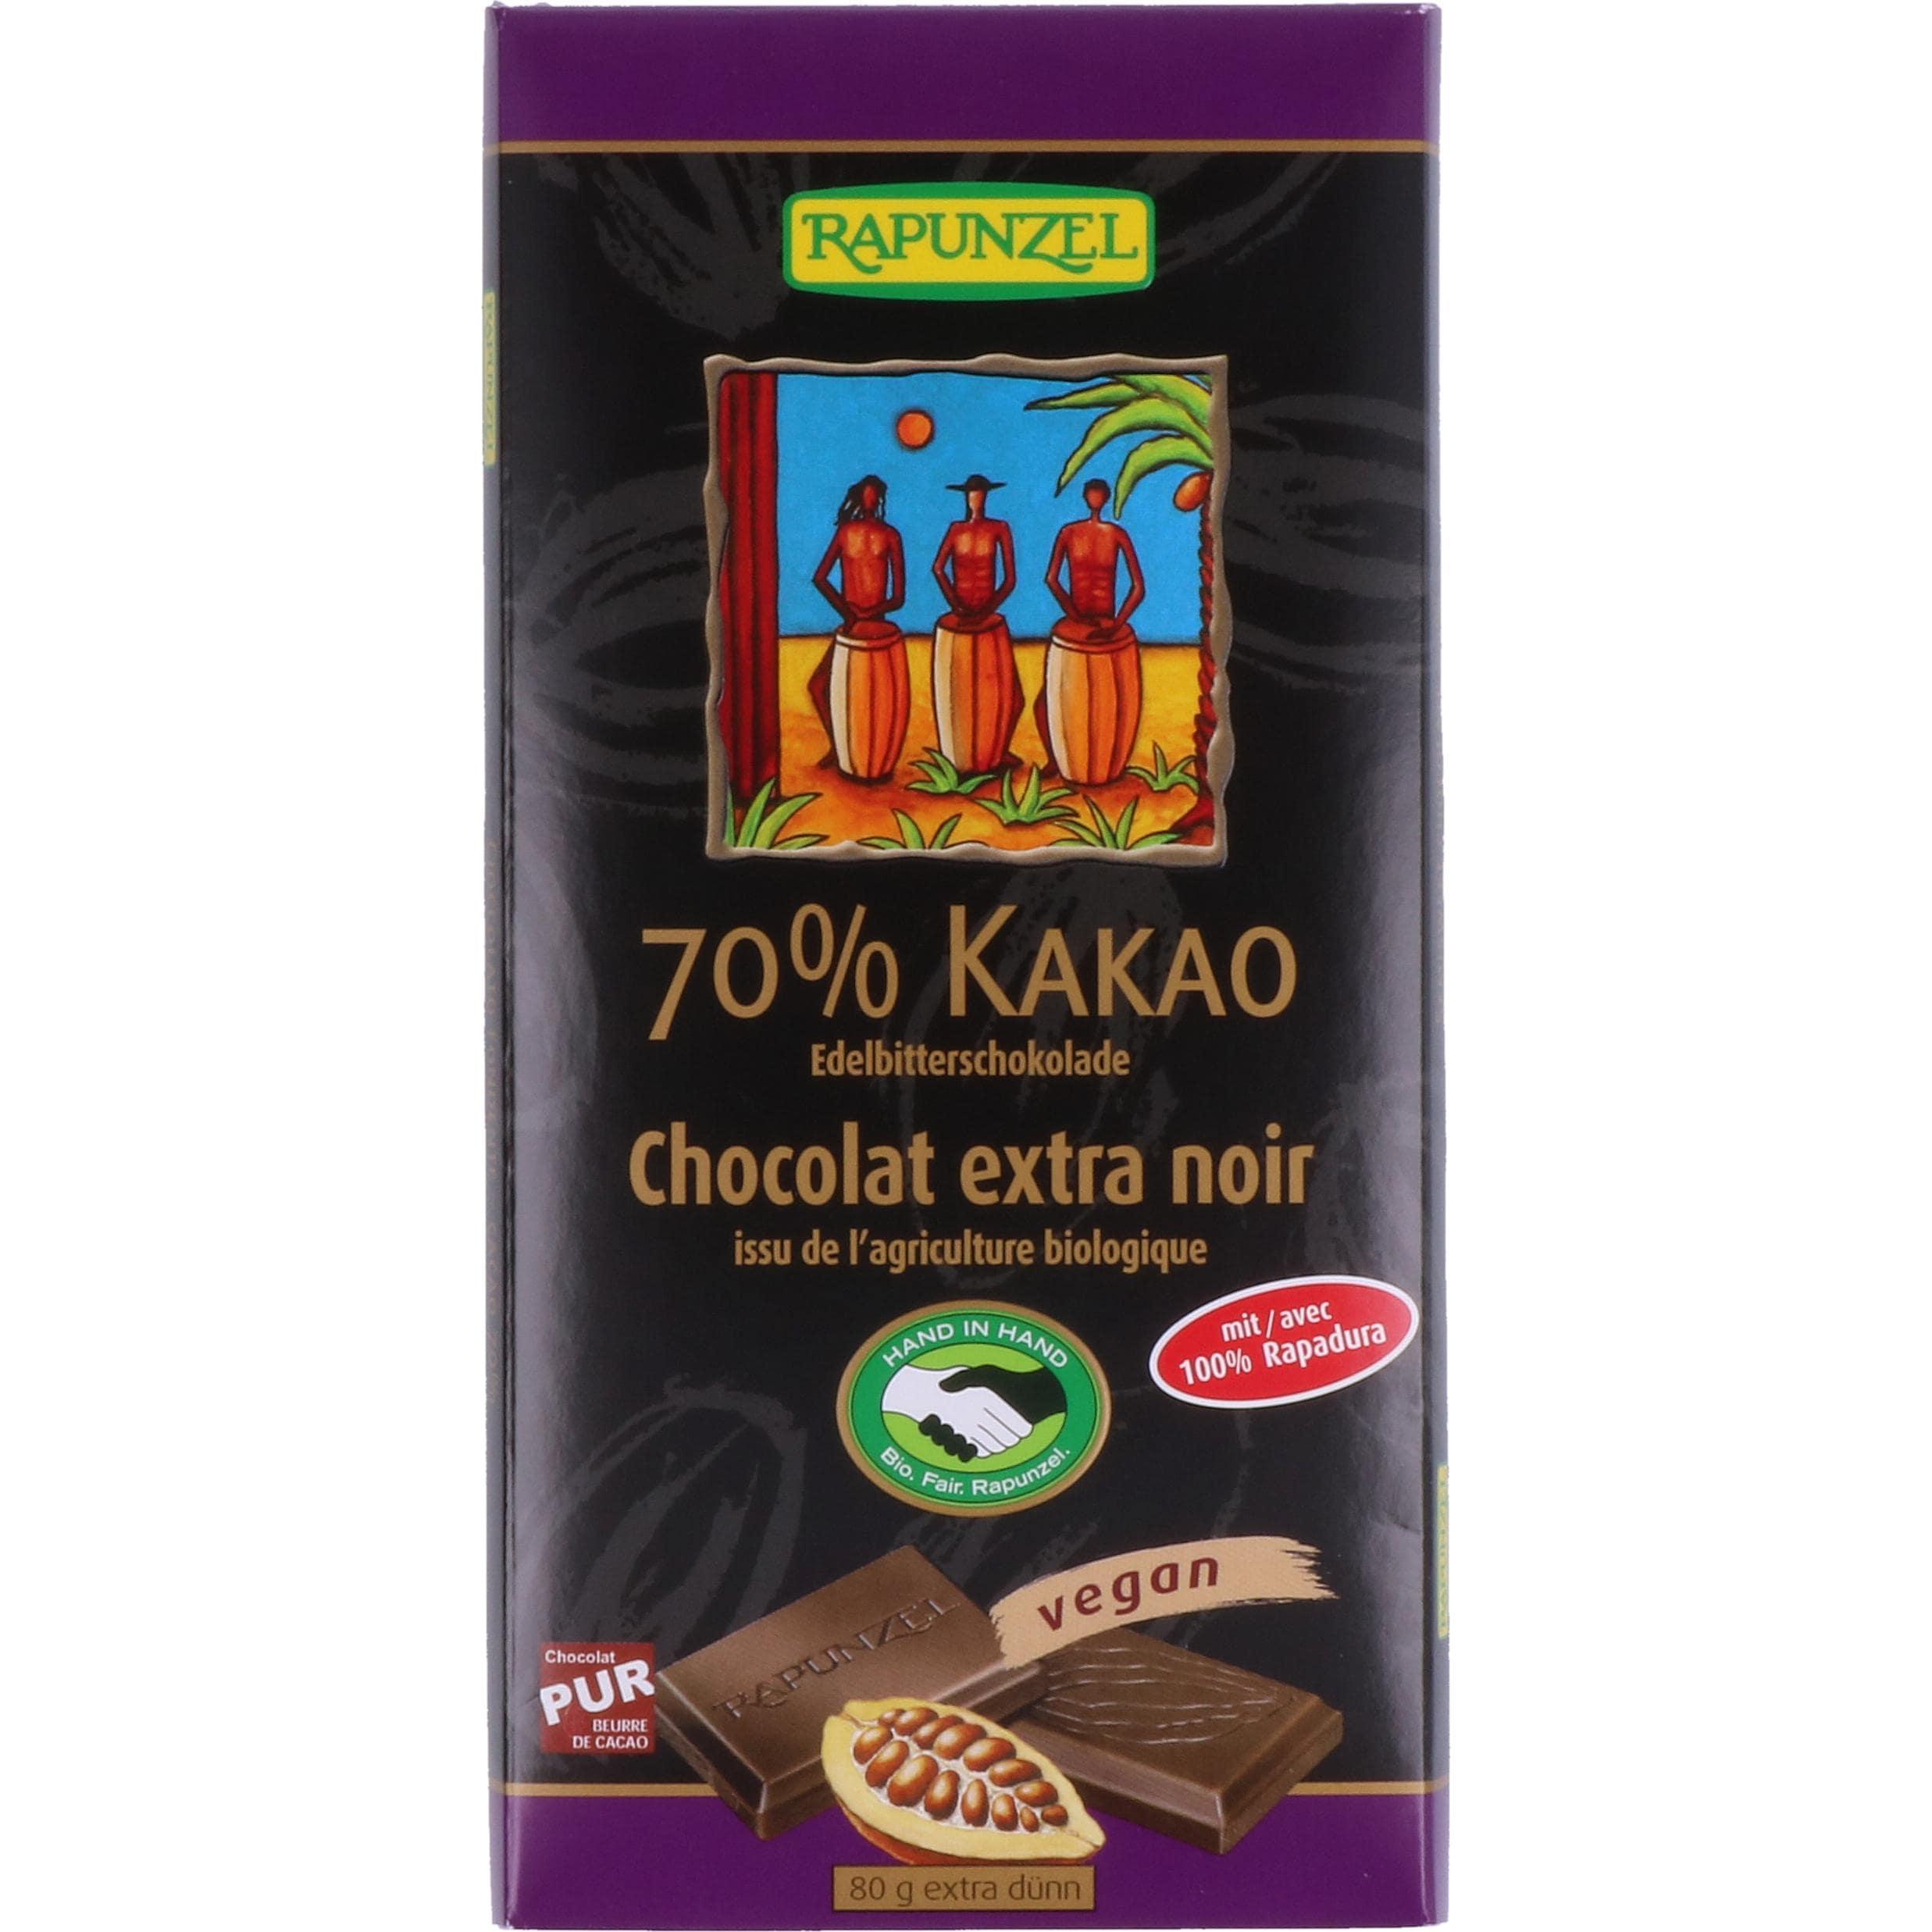 Rapunzel Kakao Crunch Edelbitterschokolade 70% 80g